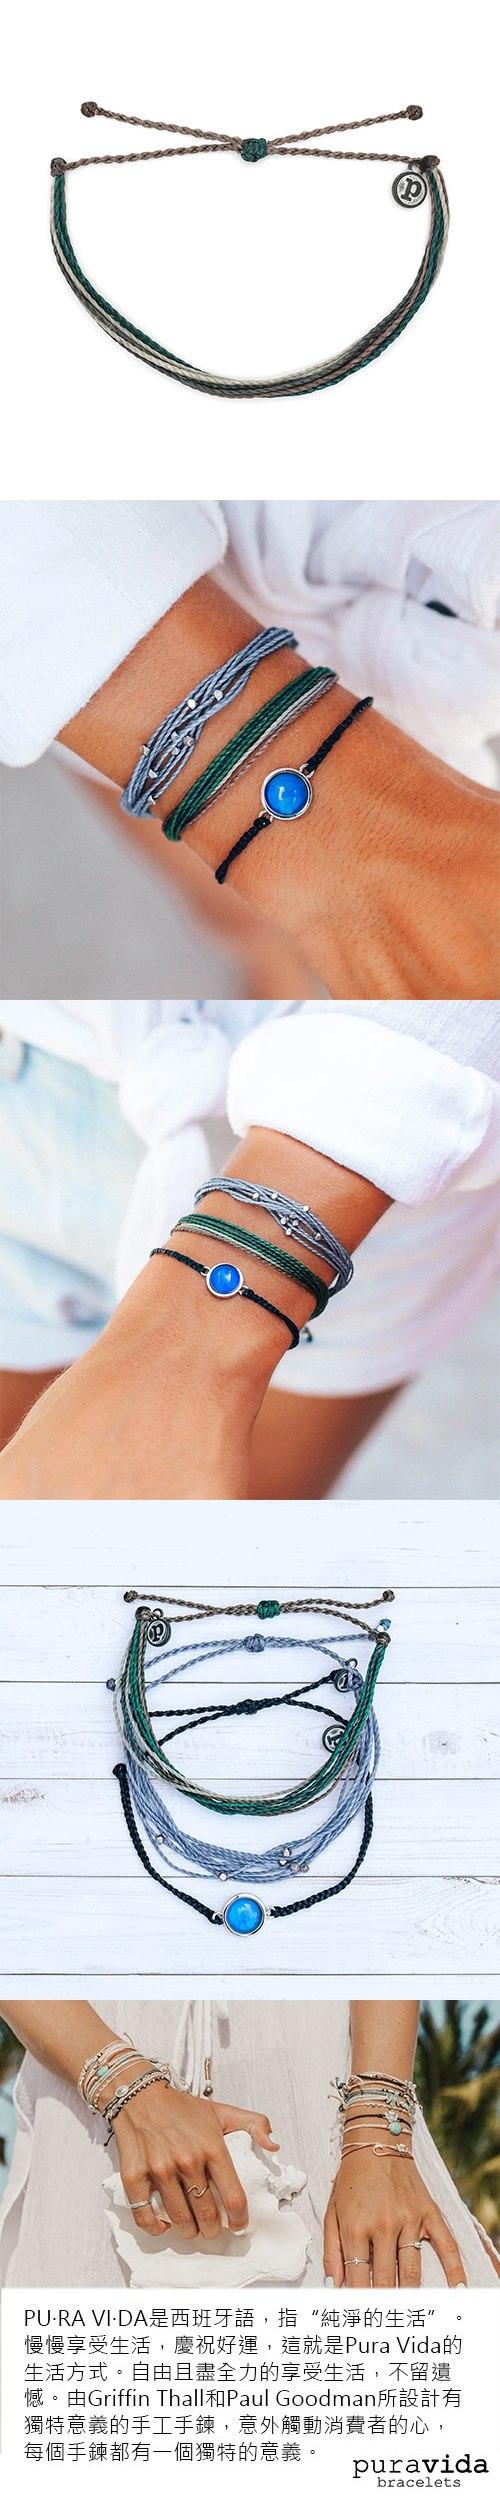 (複製)Pura Vida | 美國手工 金色閃電 水藍綠臘線衝浪手鍊手環